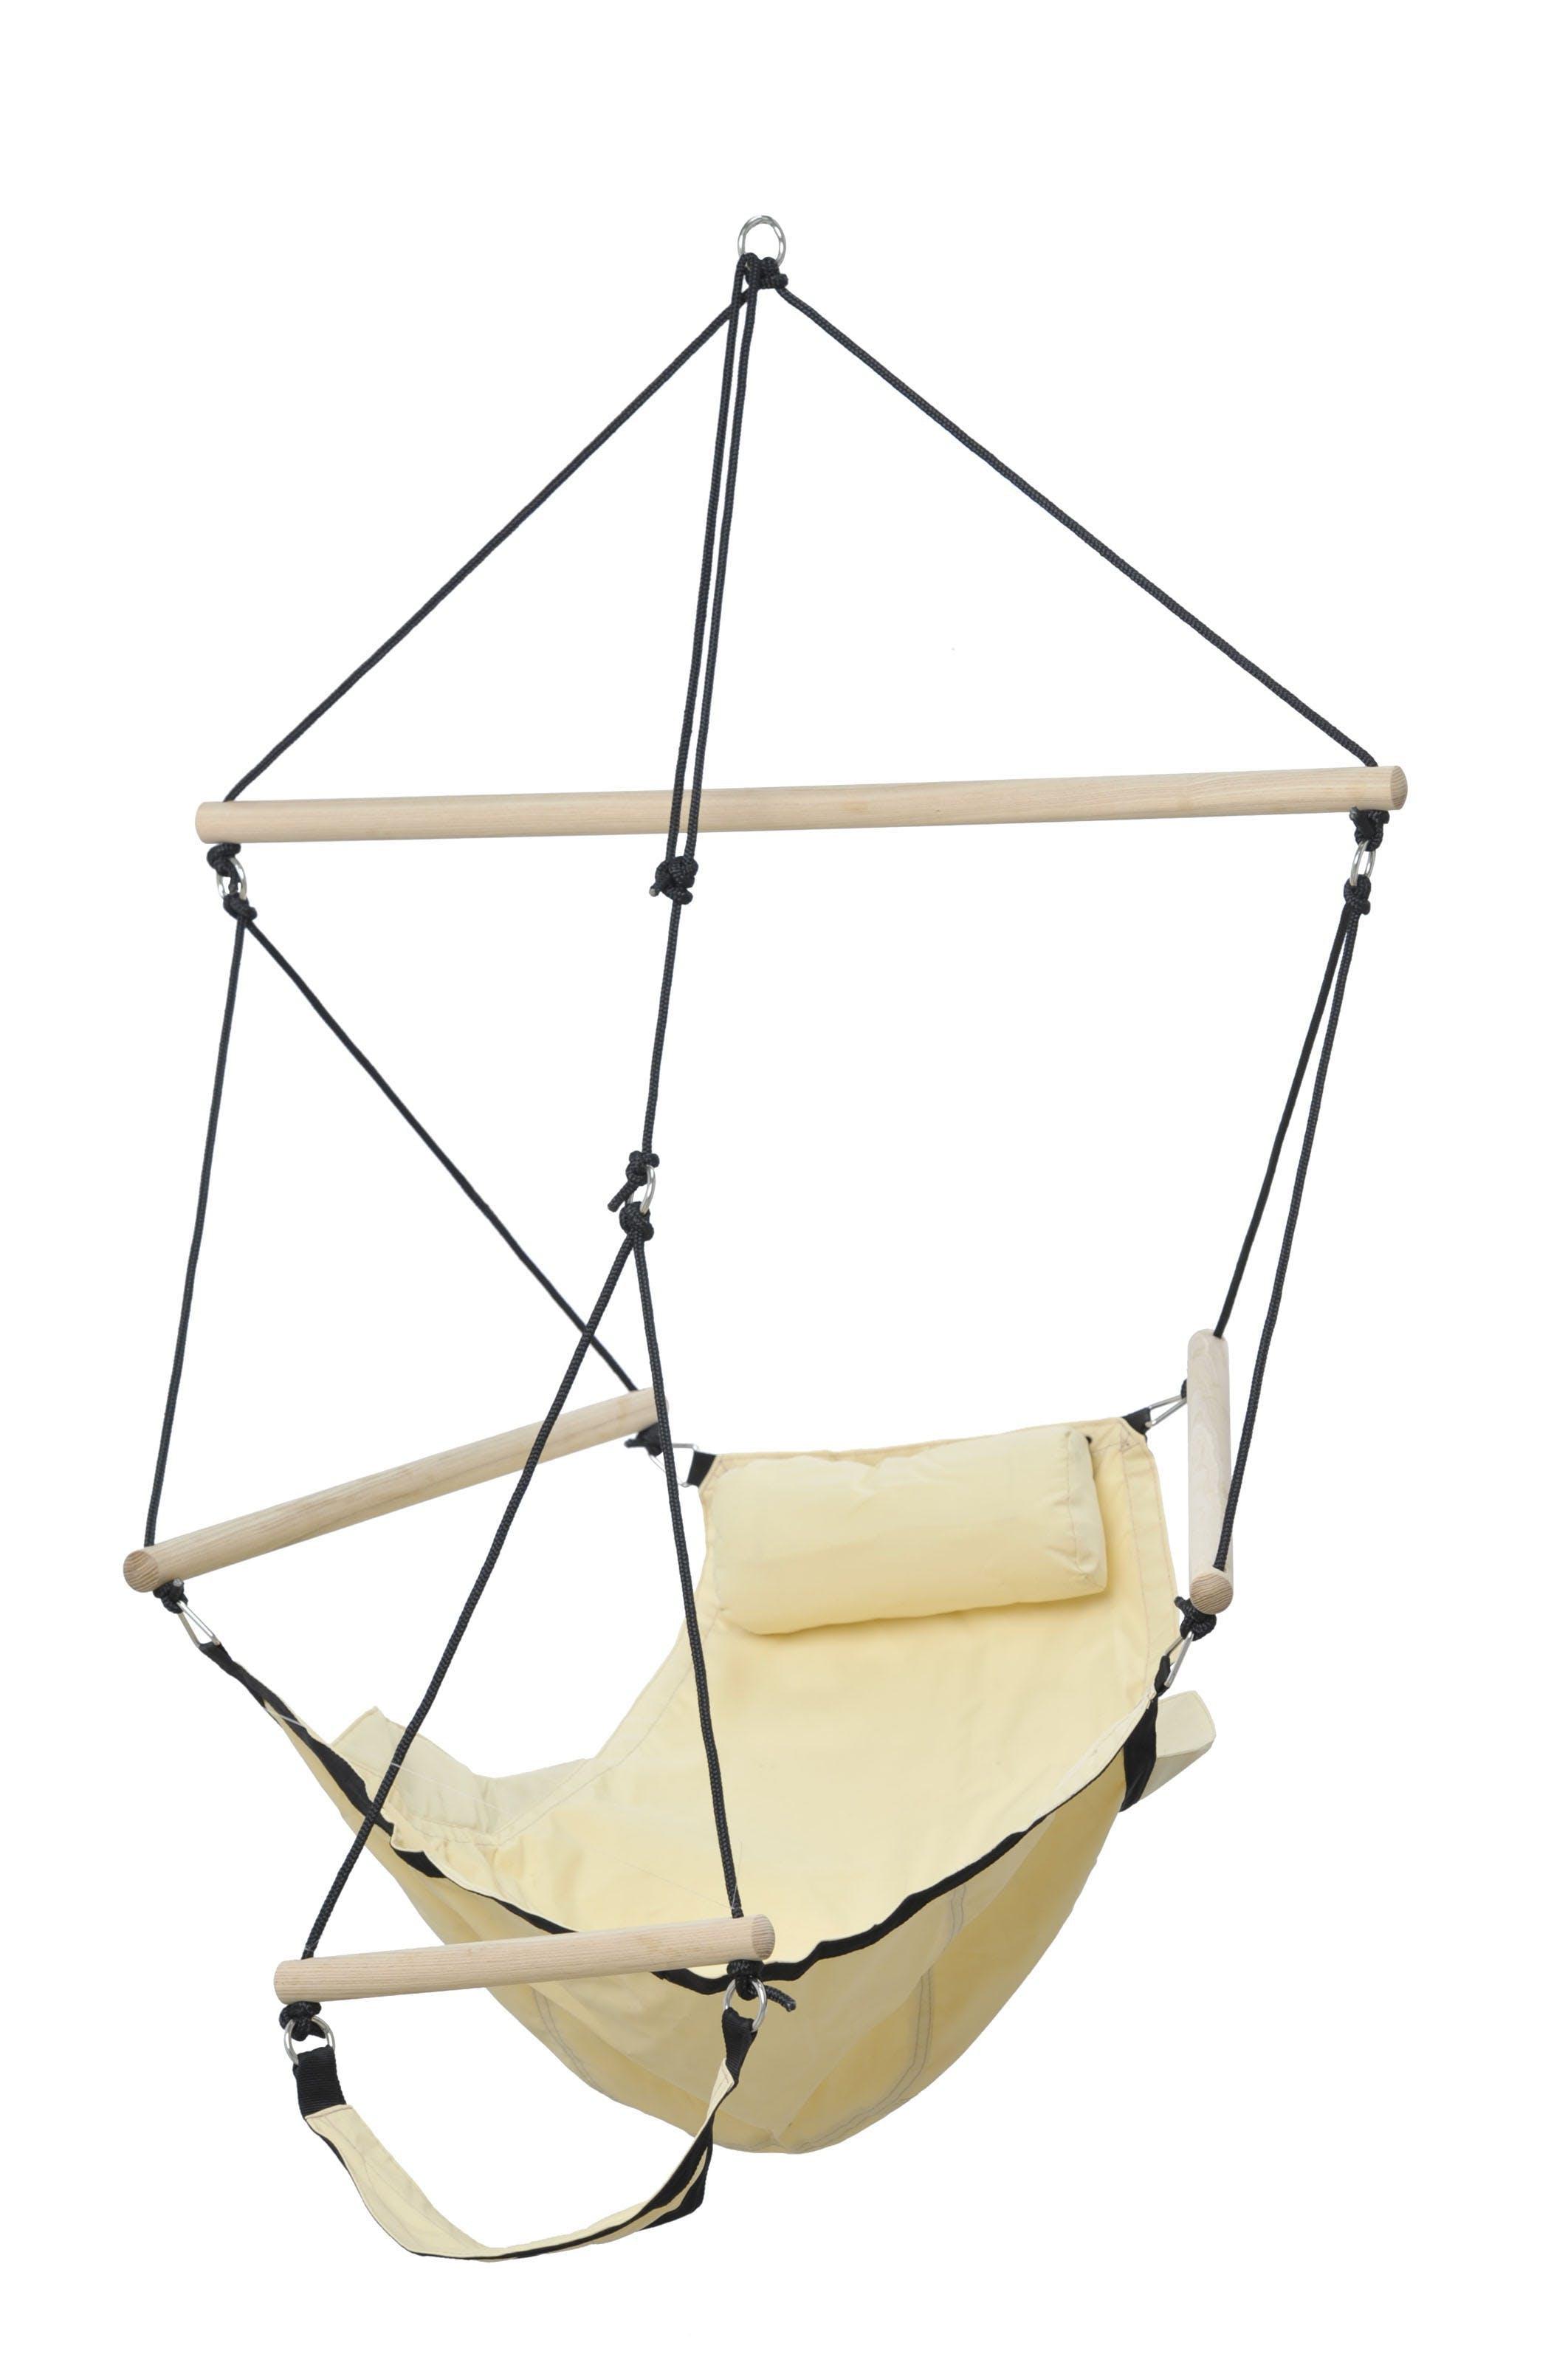 Hamac chaise suspendu avec repose pied SWINGER Sable 106x78cm AMAZONAS